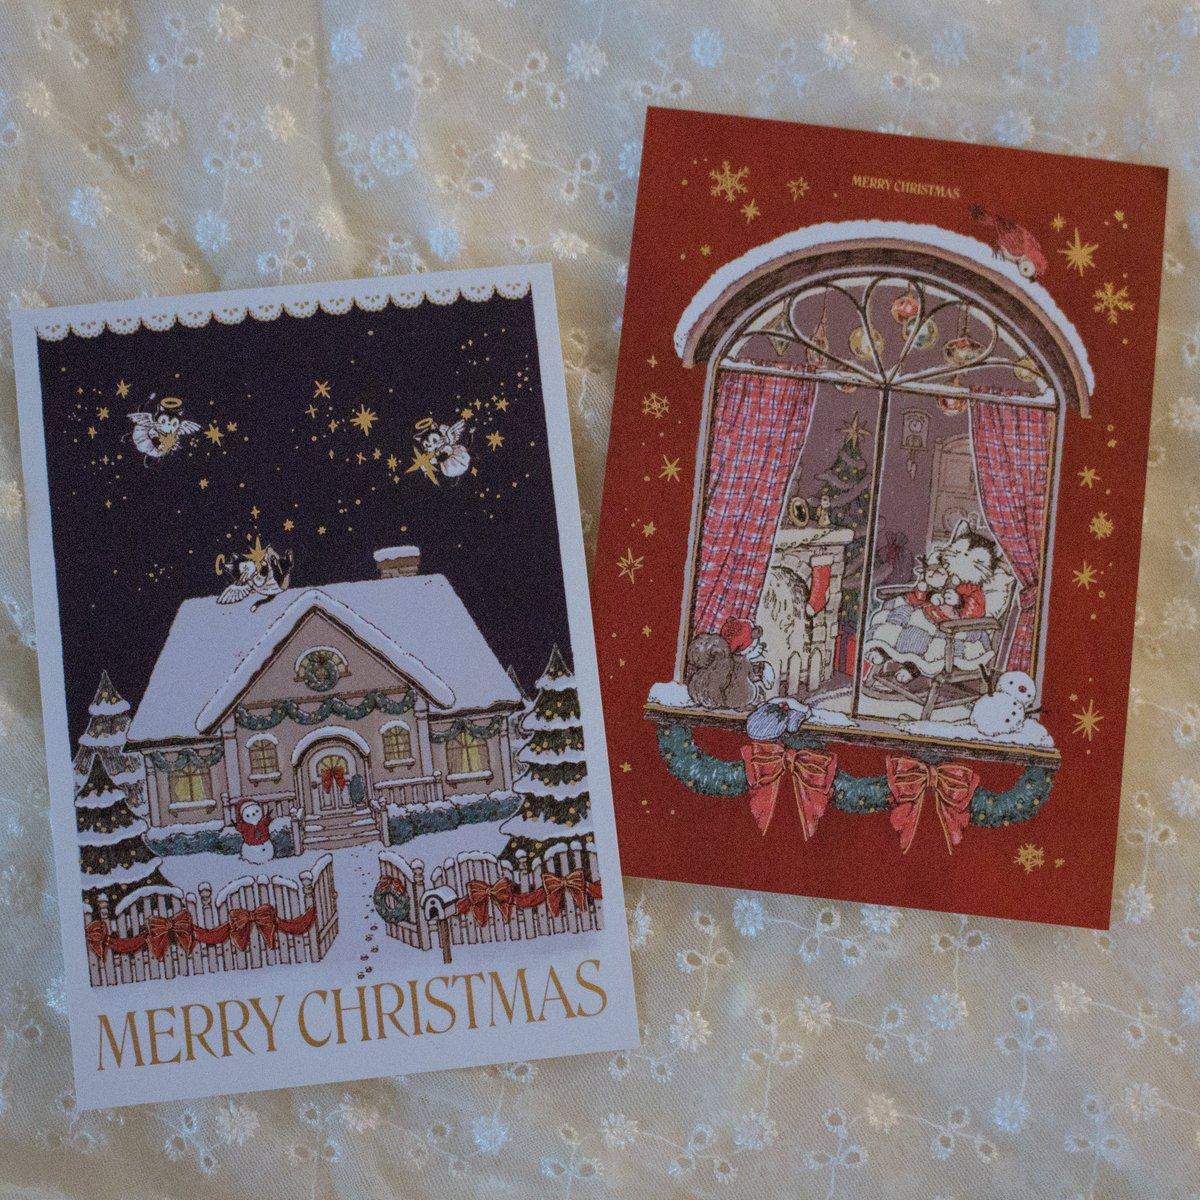 금박이 은은하게 빛나는 크리스마스 카드를 함께 판매중이에요! 😇